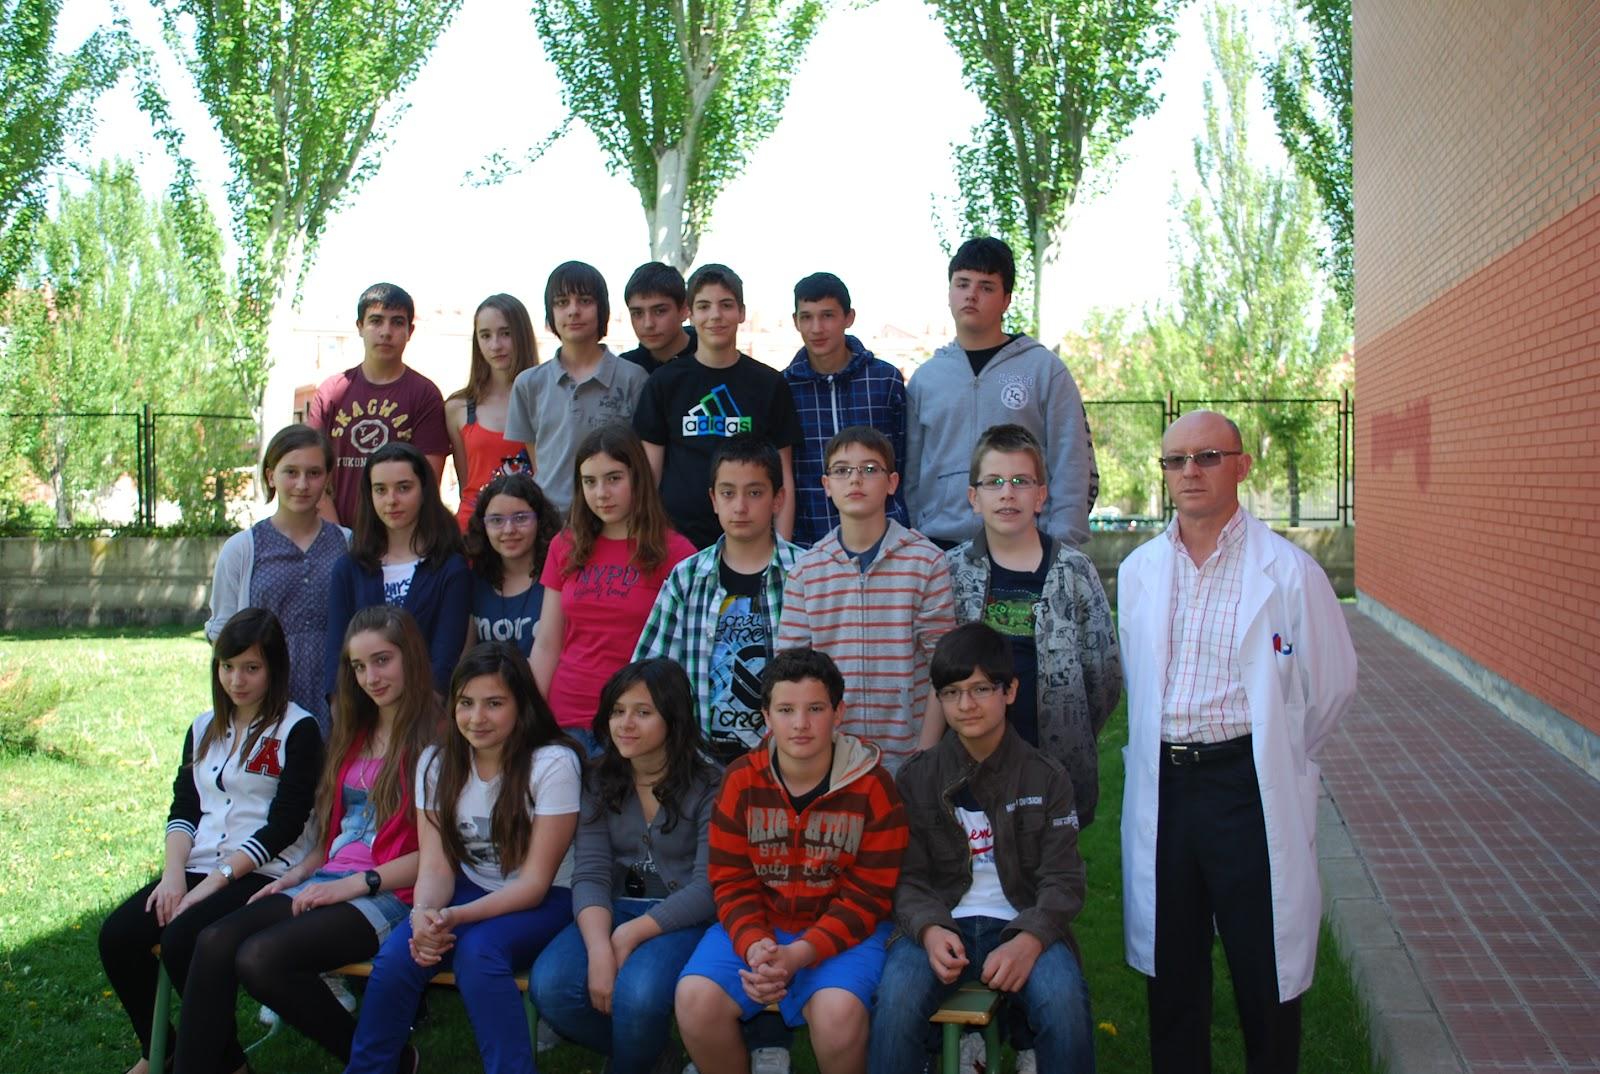 Revista rostra 2011 2012 fotos de grupos curso 2011 2012 - Maria del carmen castro ...